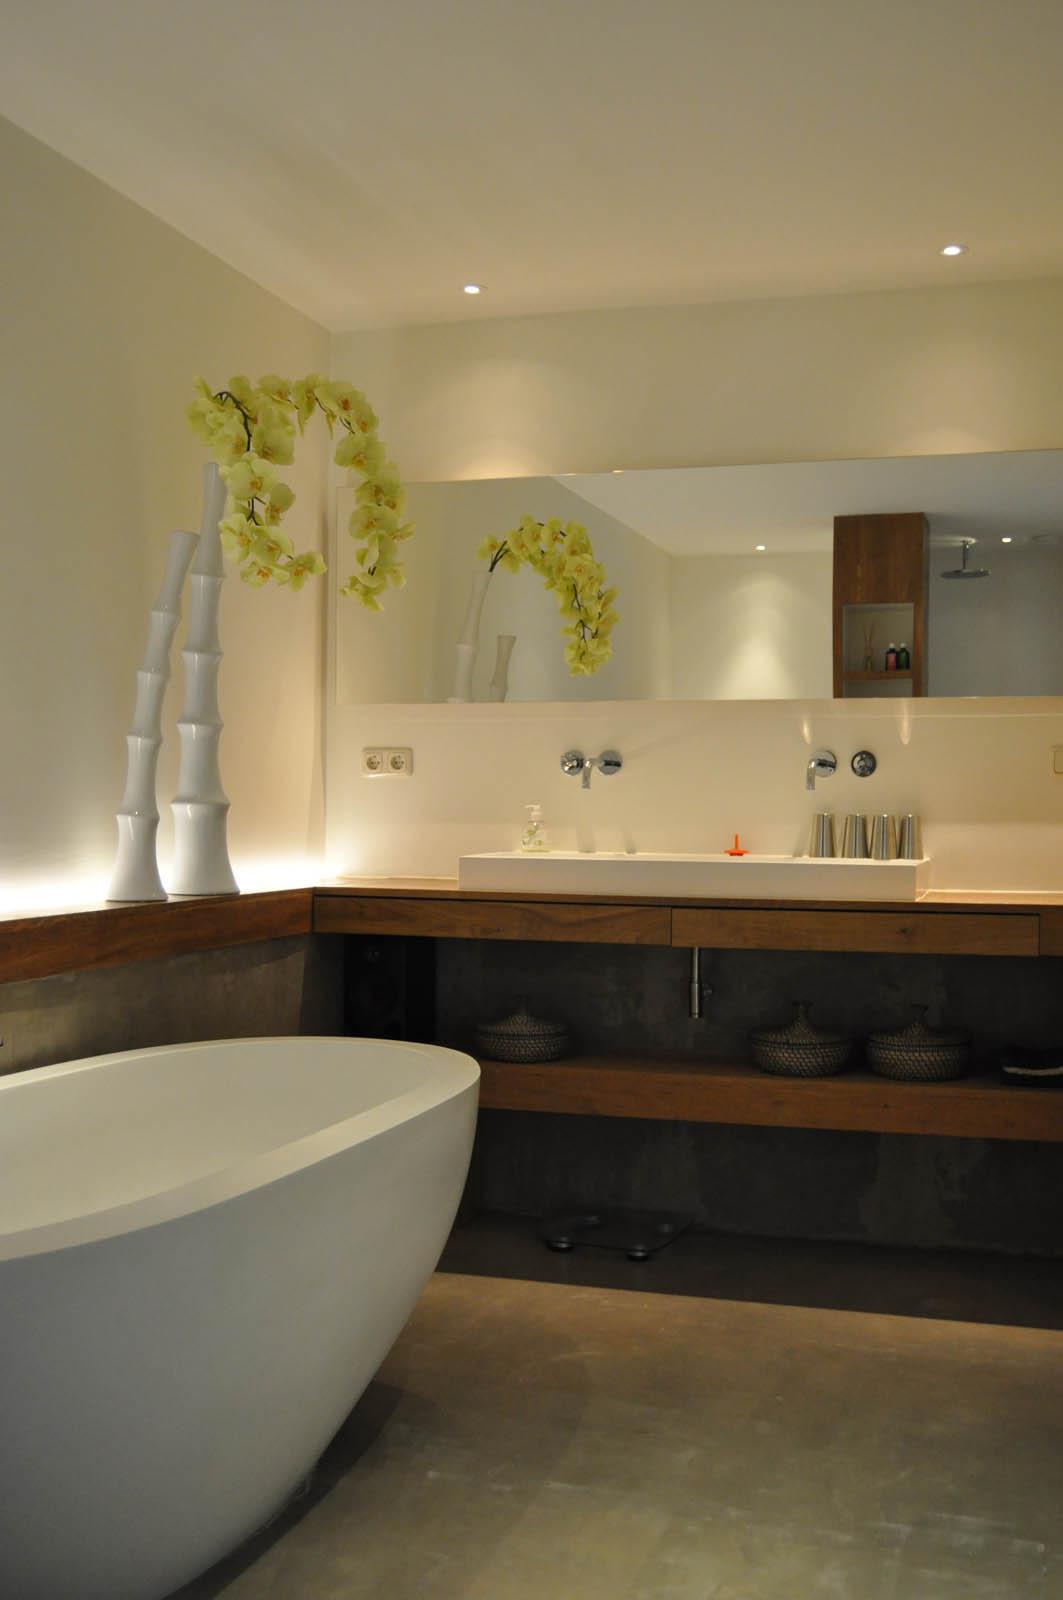 Bathroom, Ripperda kazerne, by Jeroen de Nijs